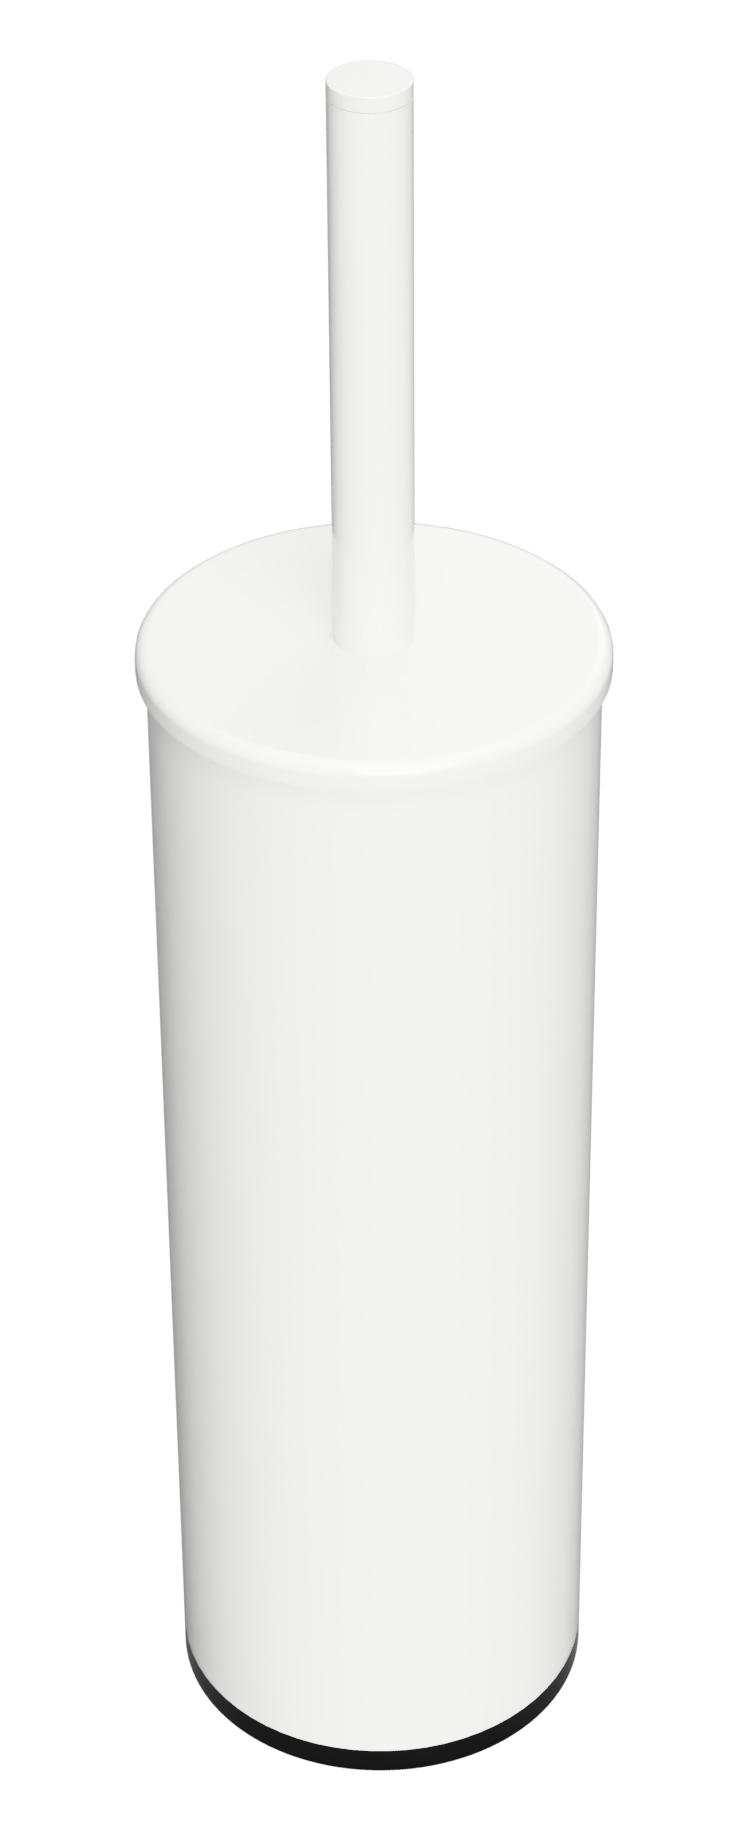 Ёршик металл подвесной/напольный, щётка белая